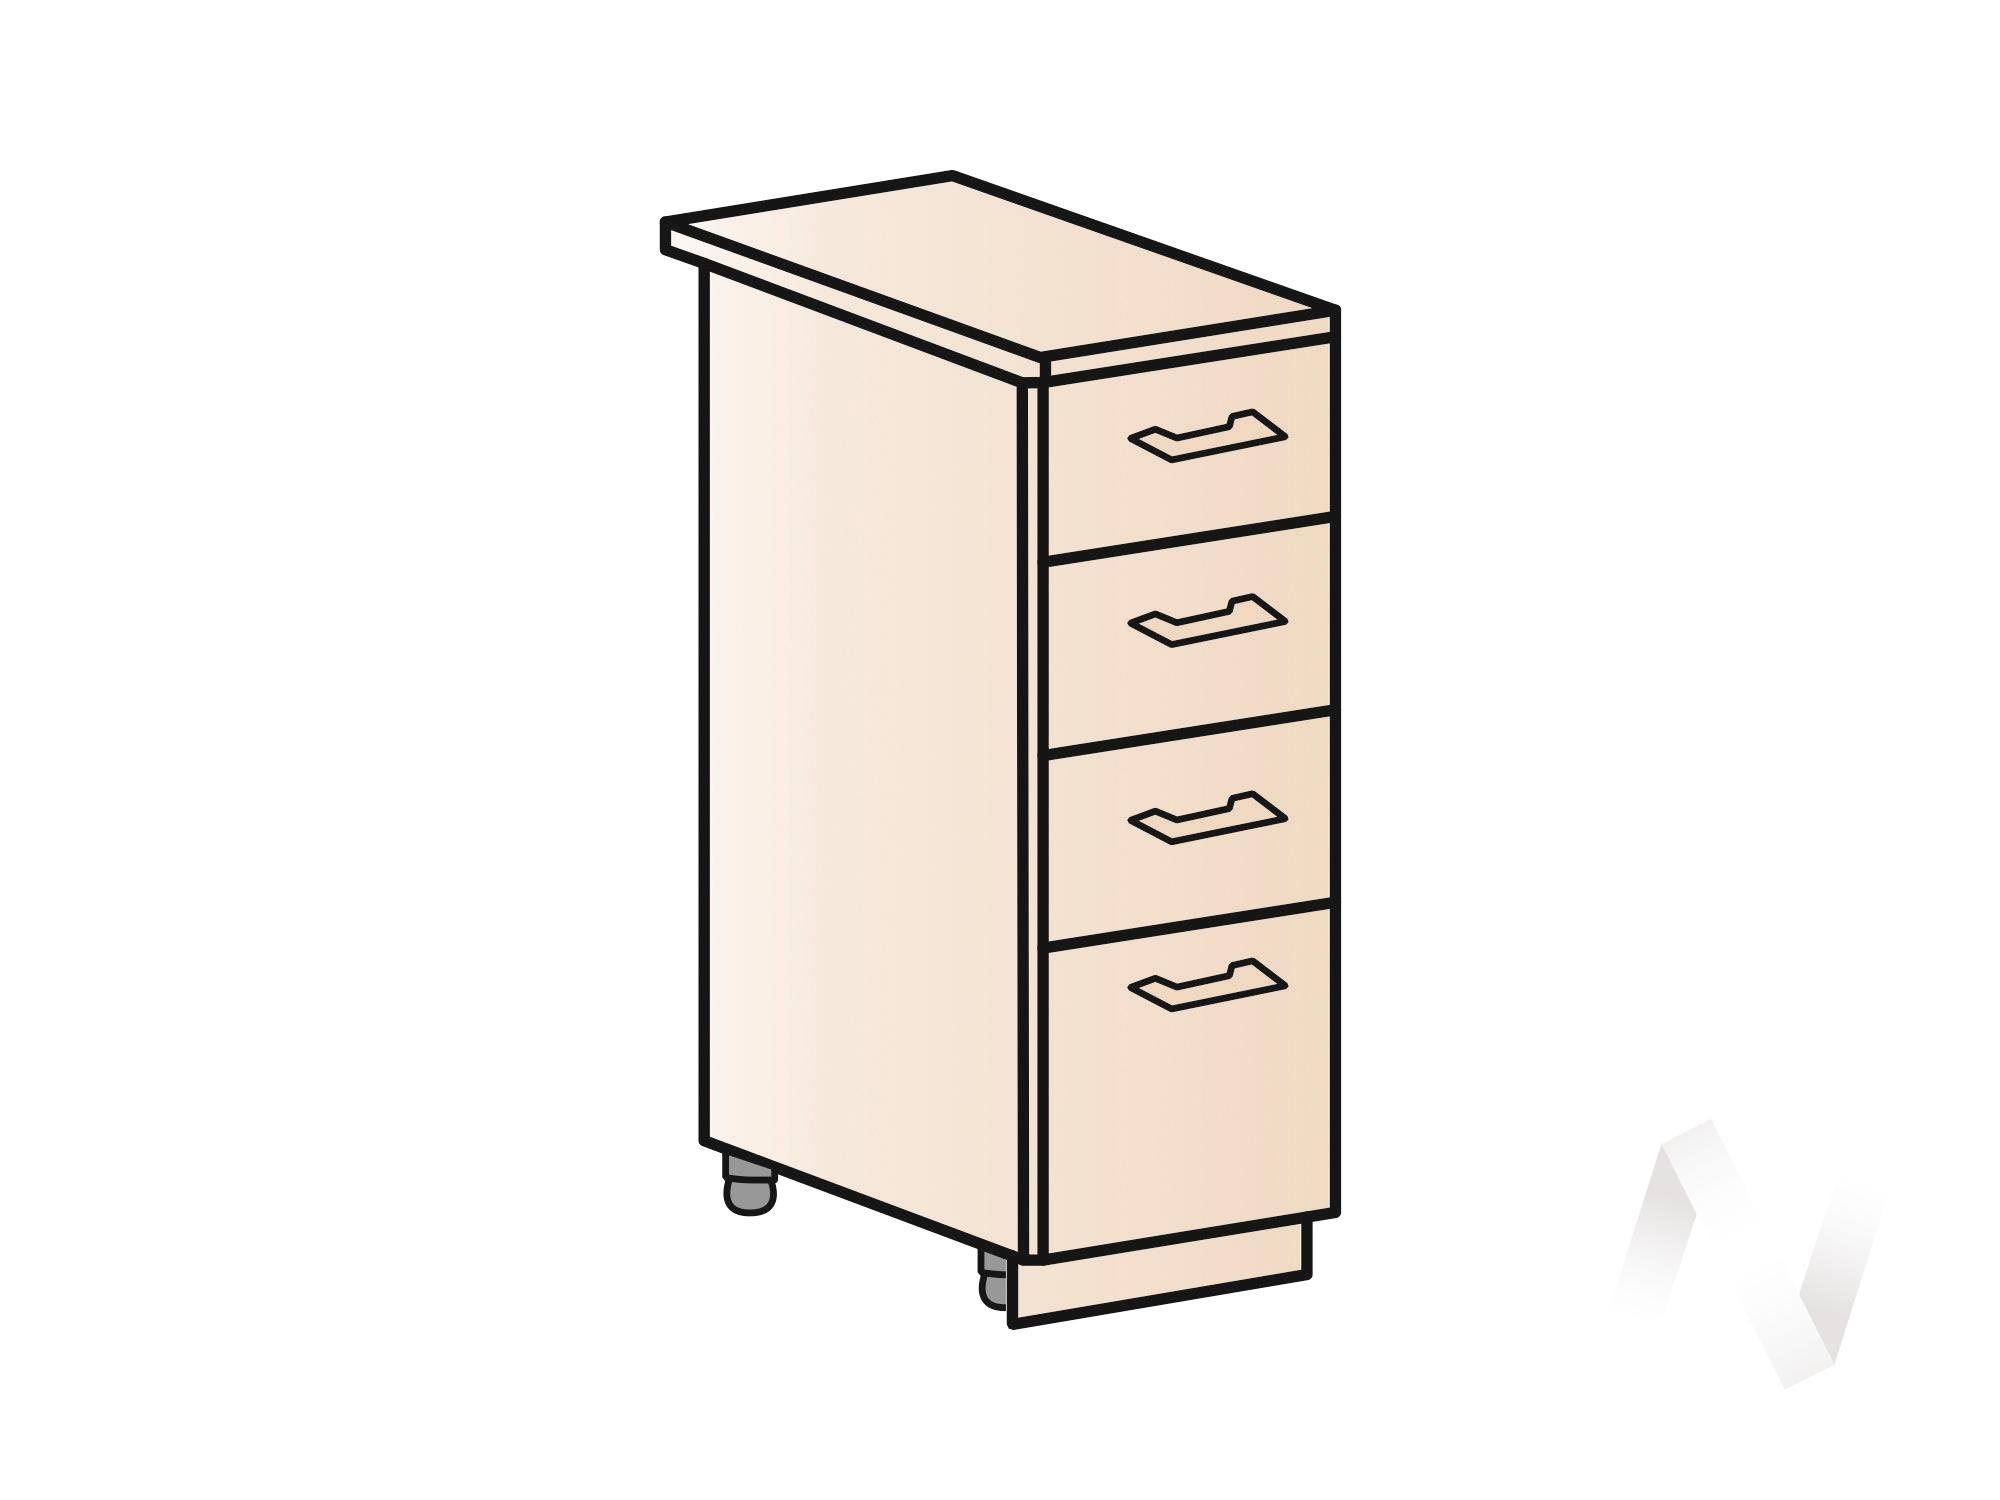 """Кухня """"Люкс"""": Шкаф нижний с 4-мя ящиками 300, ШН4Я 300 (Шелк венге/корпус венге)"""